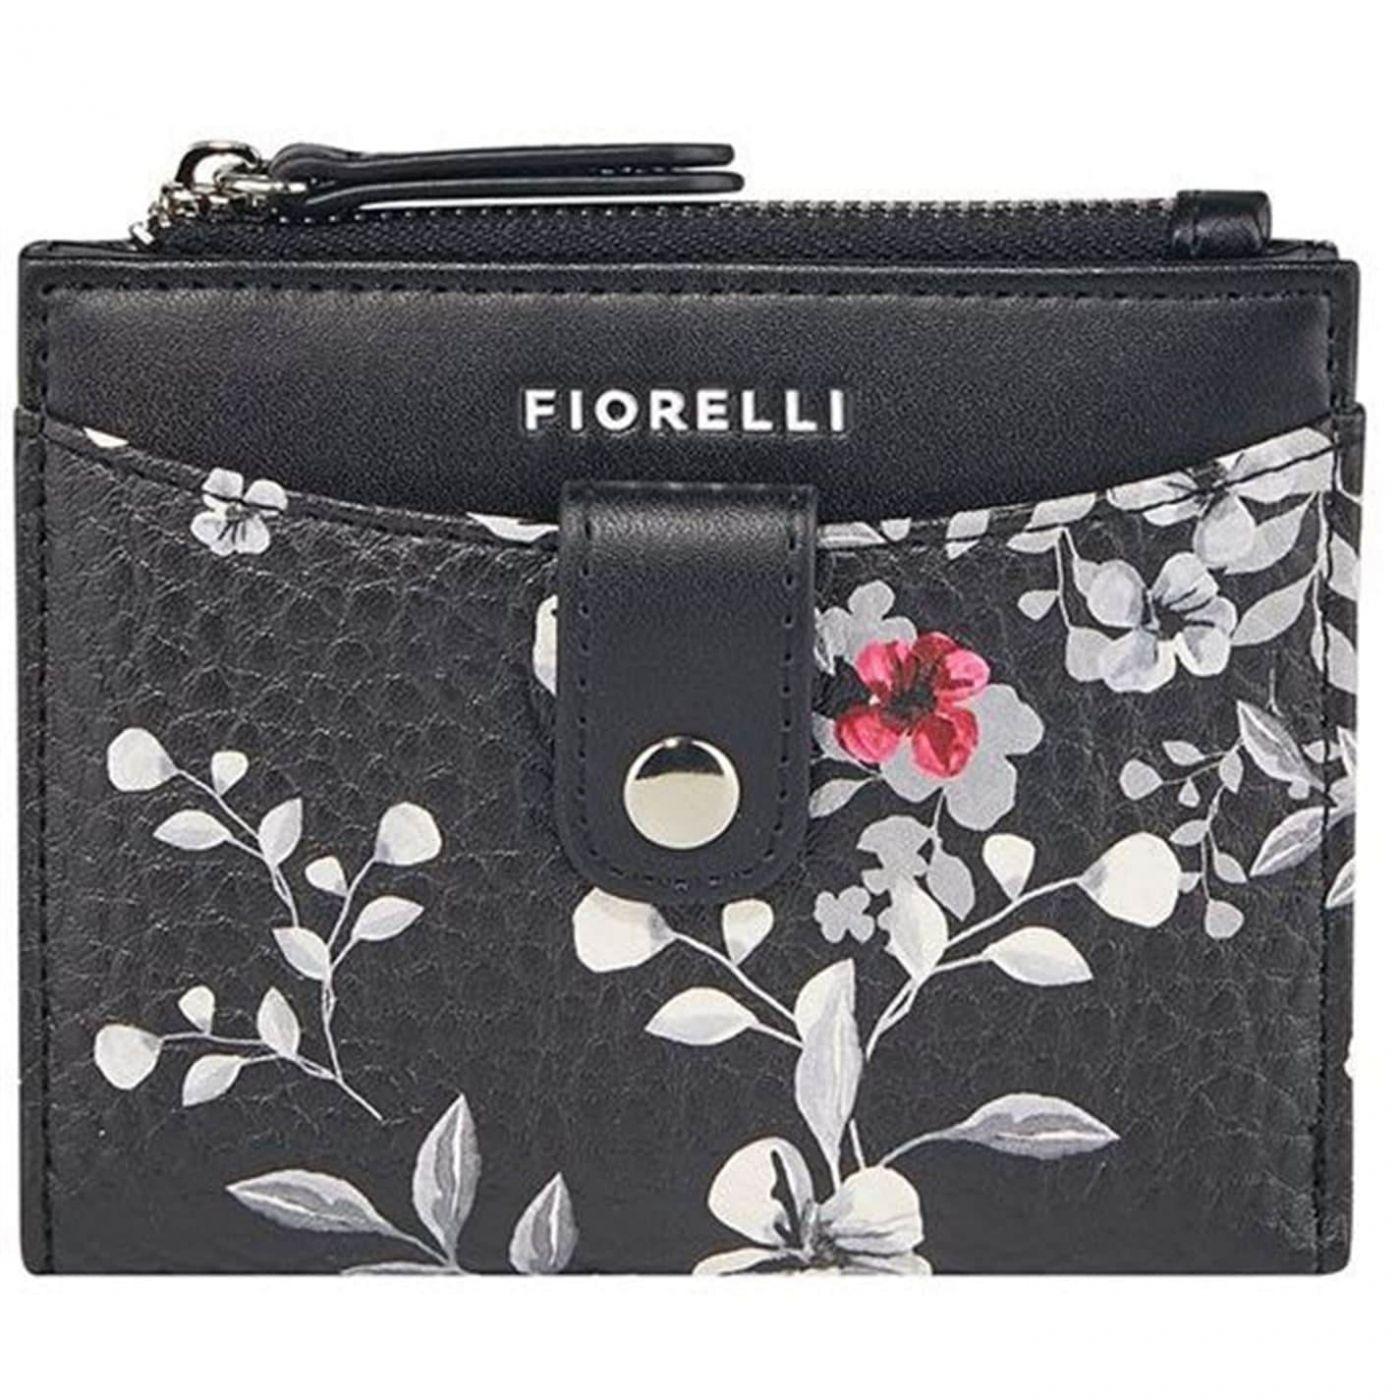 Fiorelli Chaira popper purse